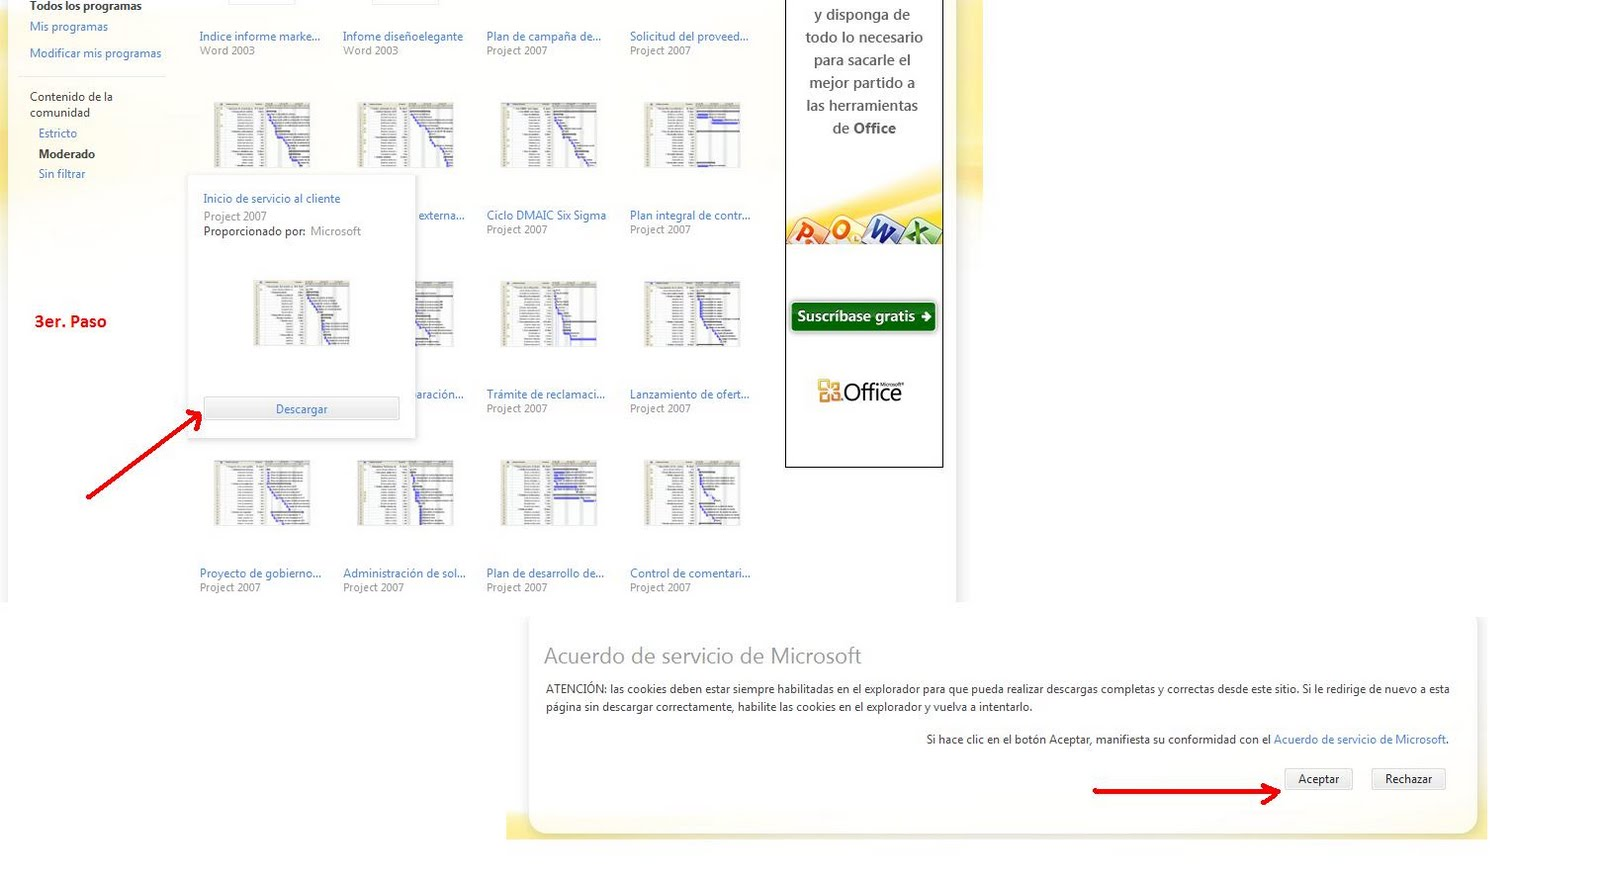 SOLUCIONES TECNICAS - INFORMATICA DE USUARIO: febrero 2011